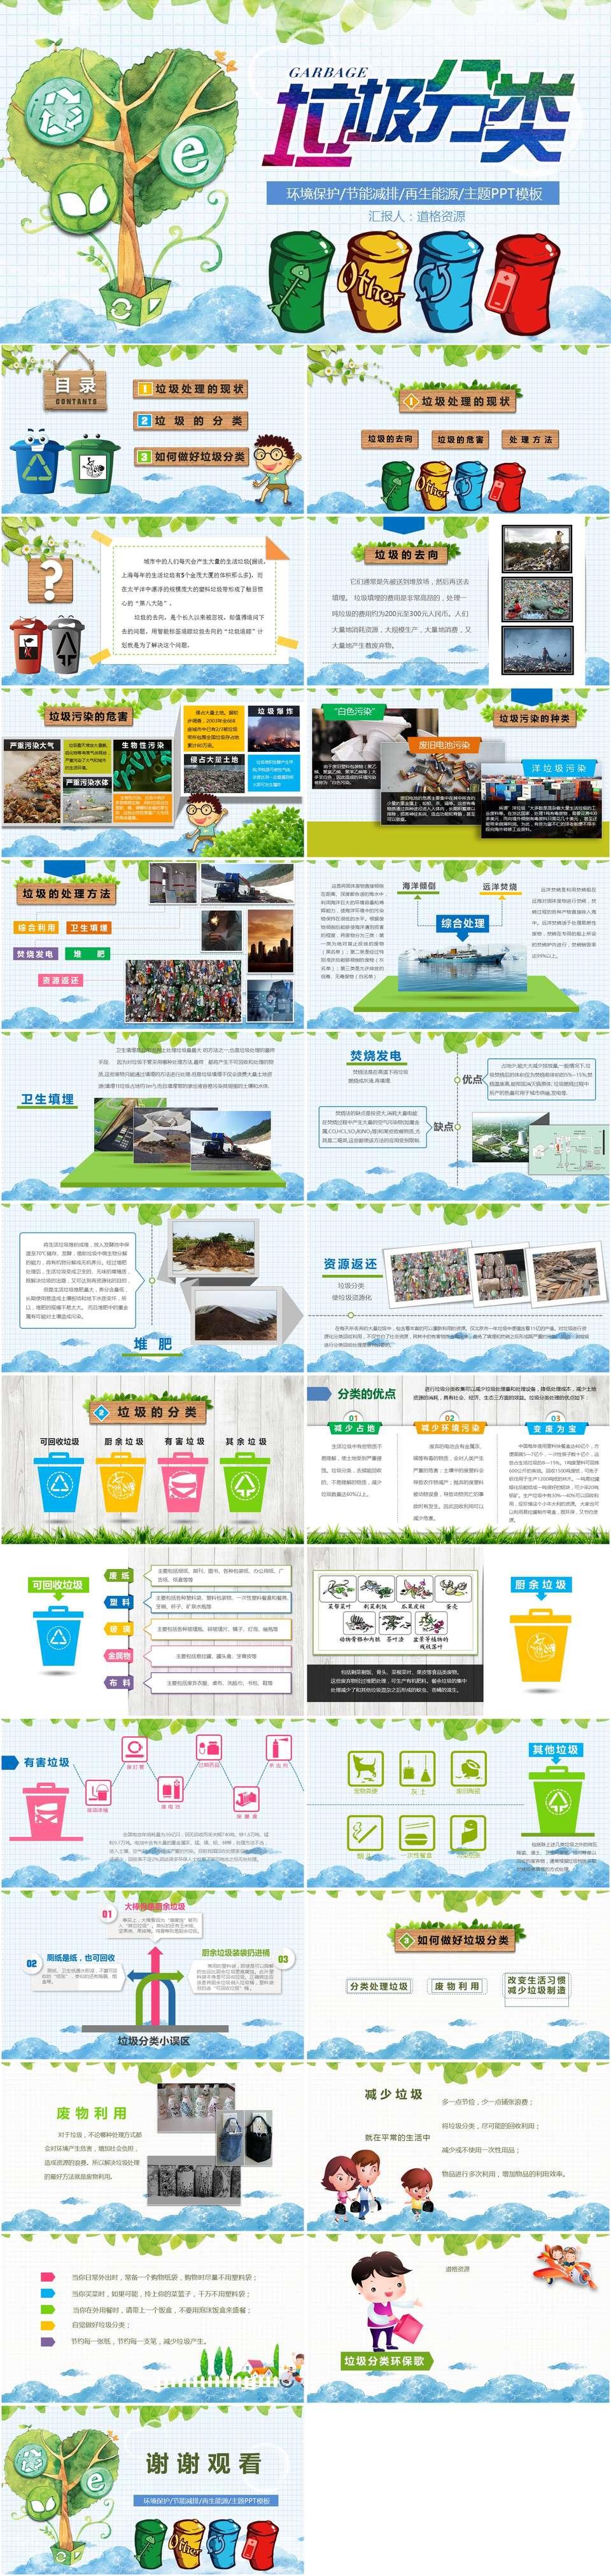 卡通垃圾分类环保教育课件PPT模板插图1